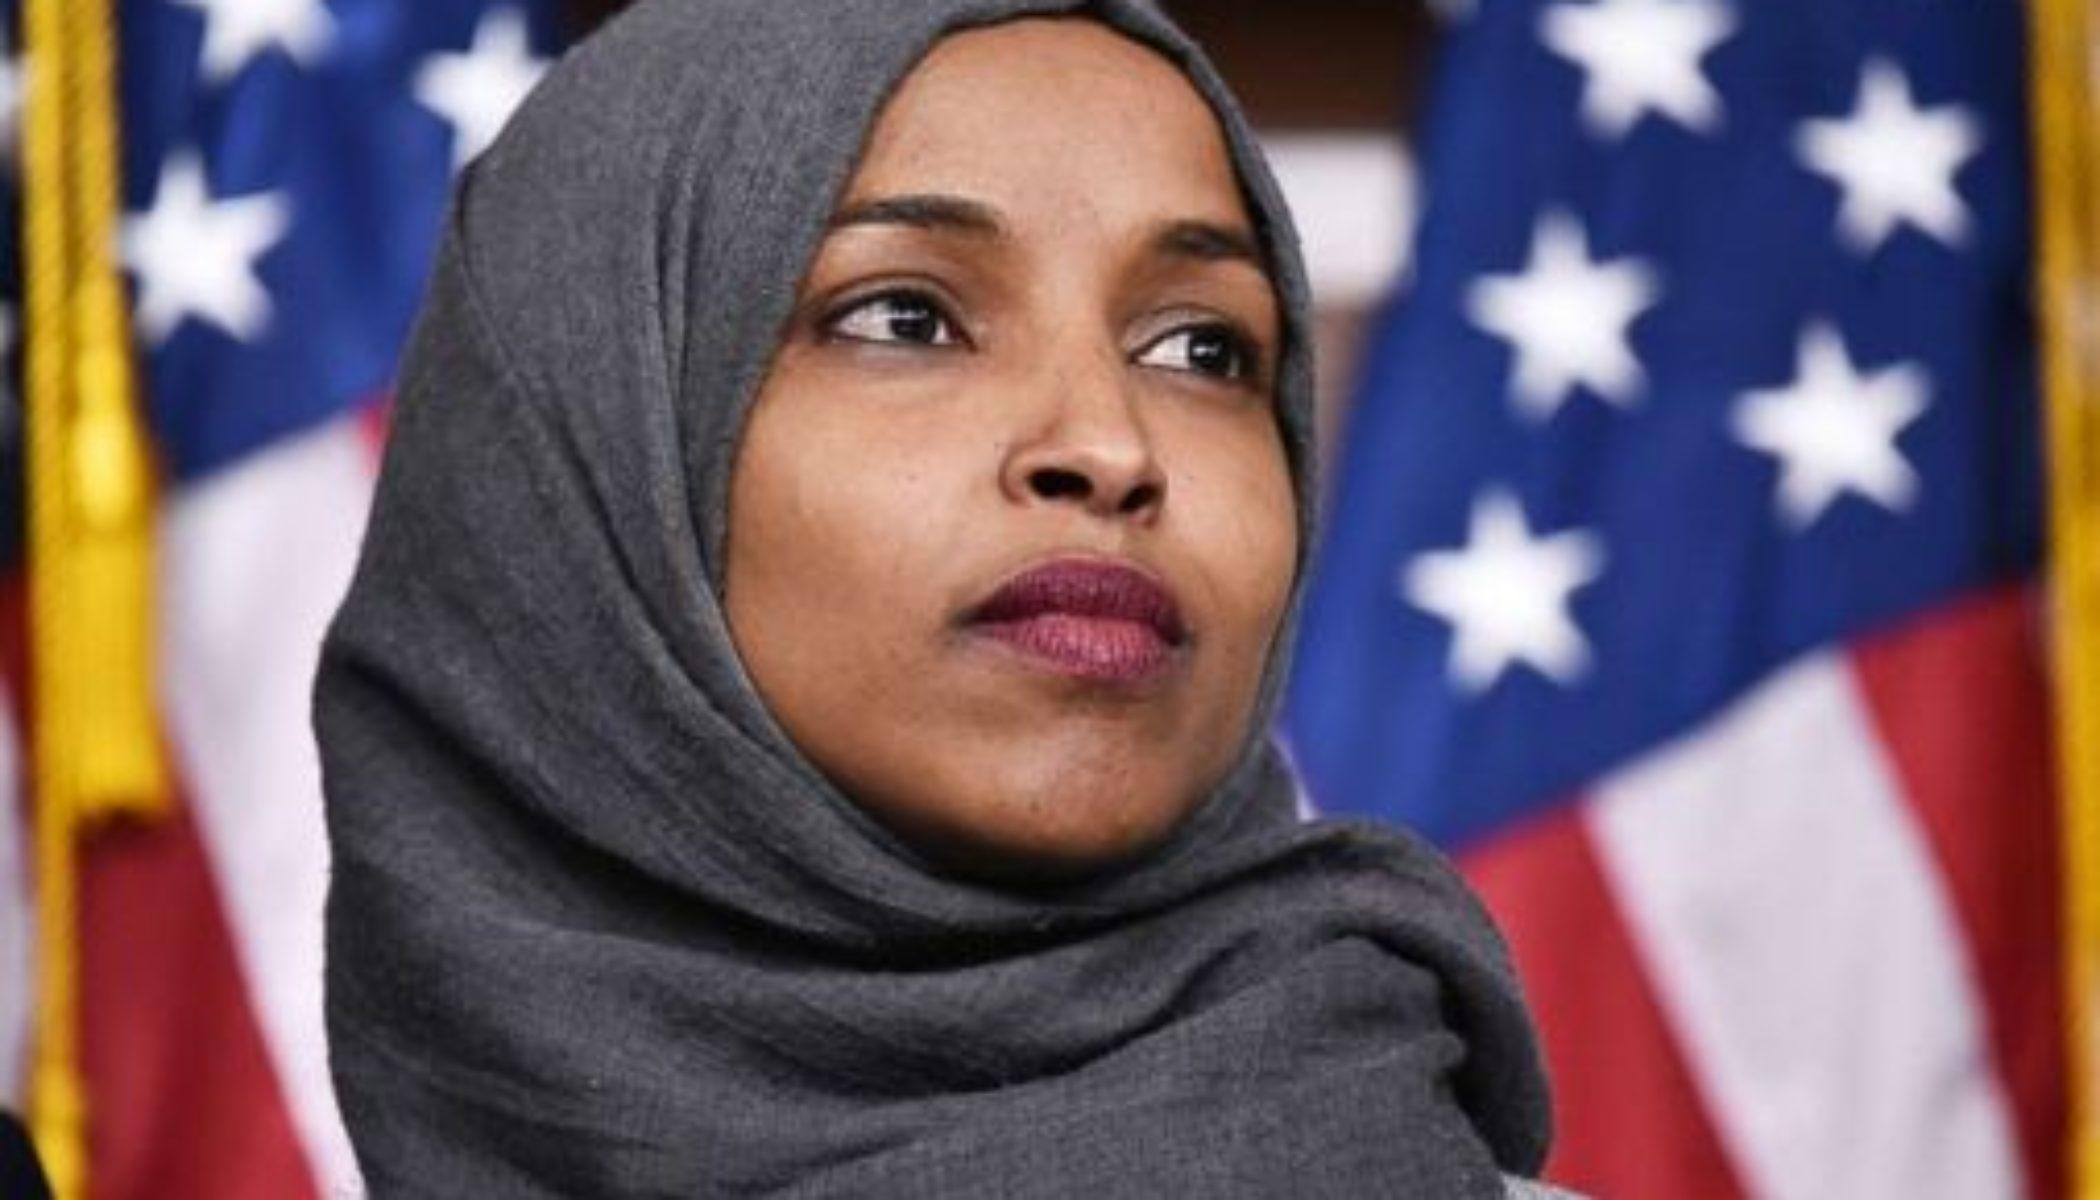 gratuit USA musulman sites de rencontre rencontres en ligne quelqu'un à l'étranger